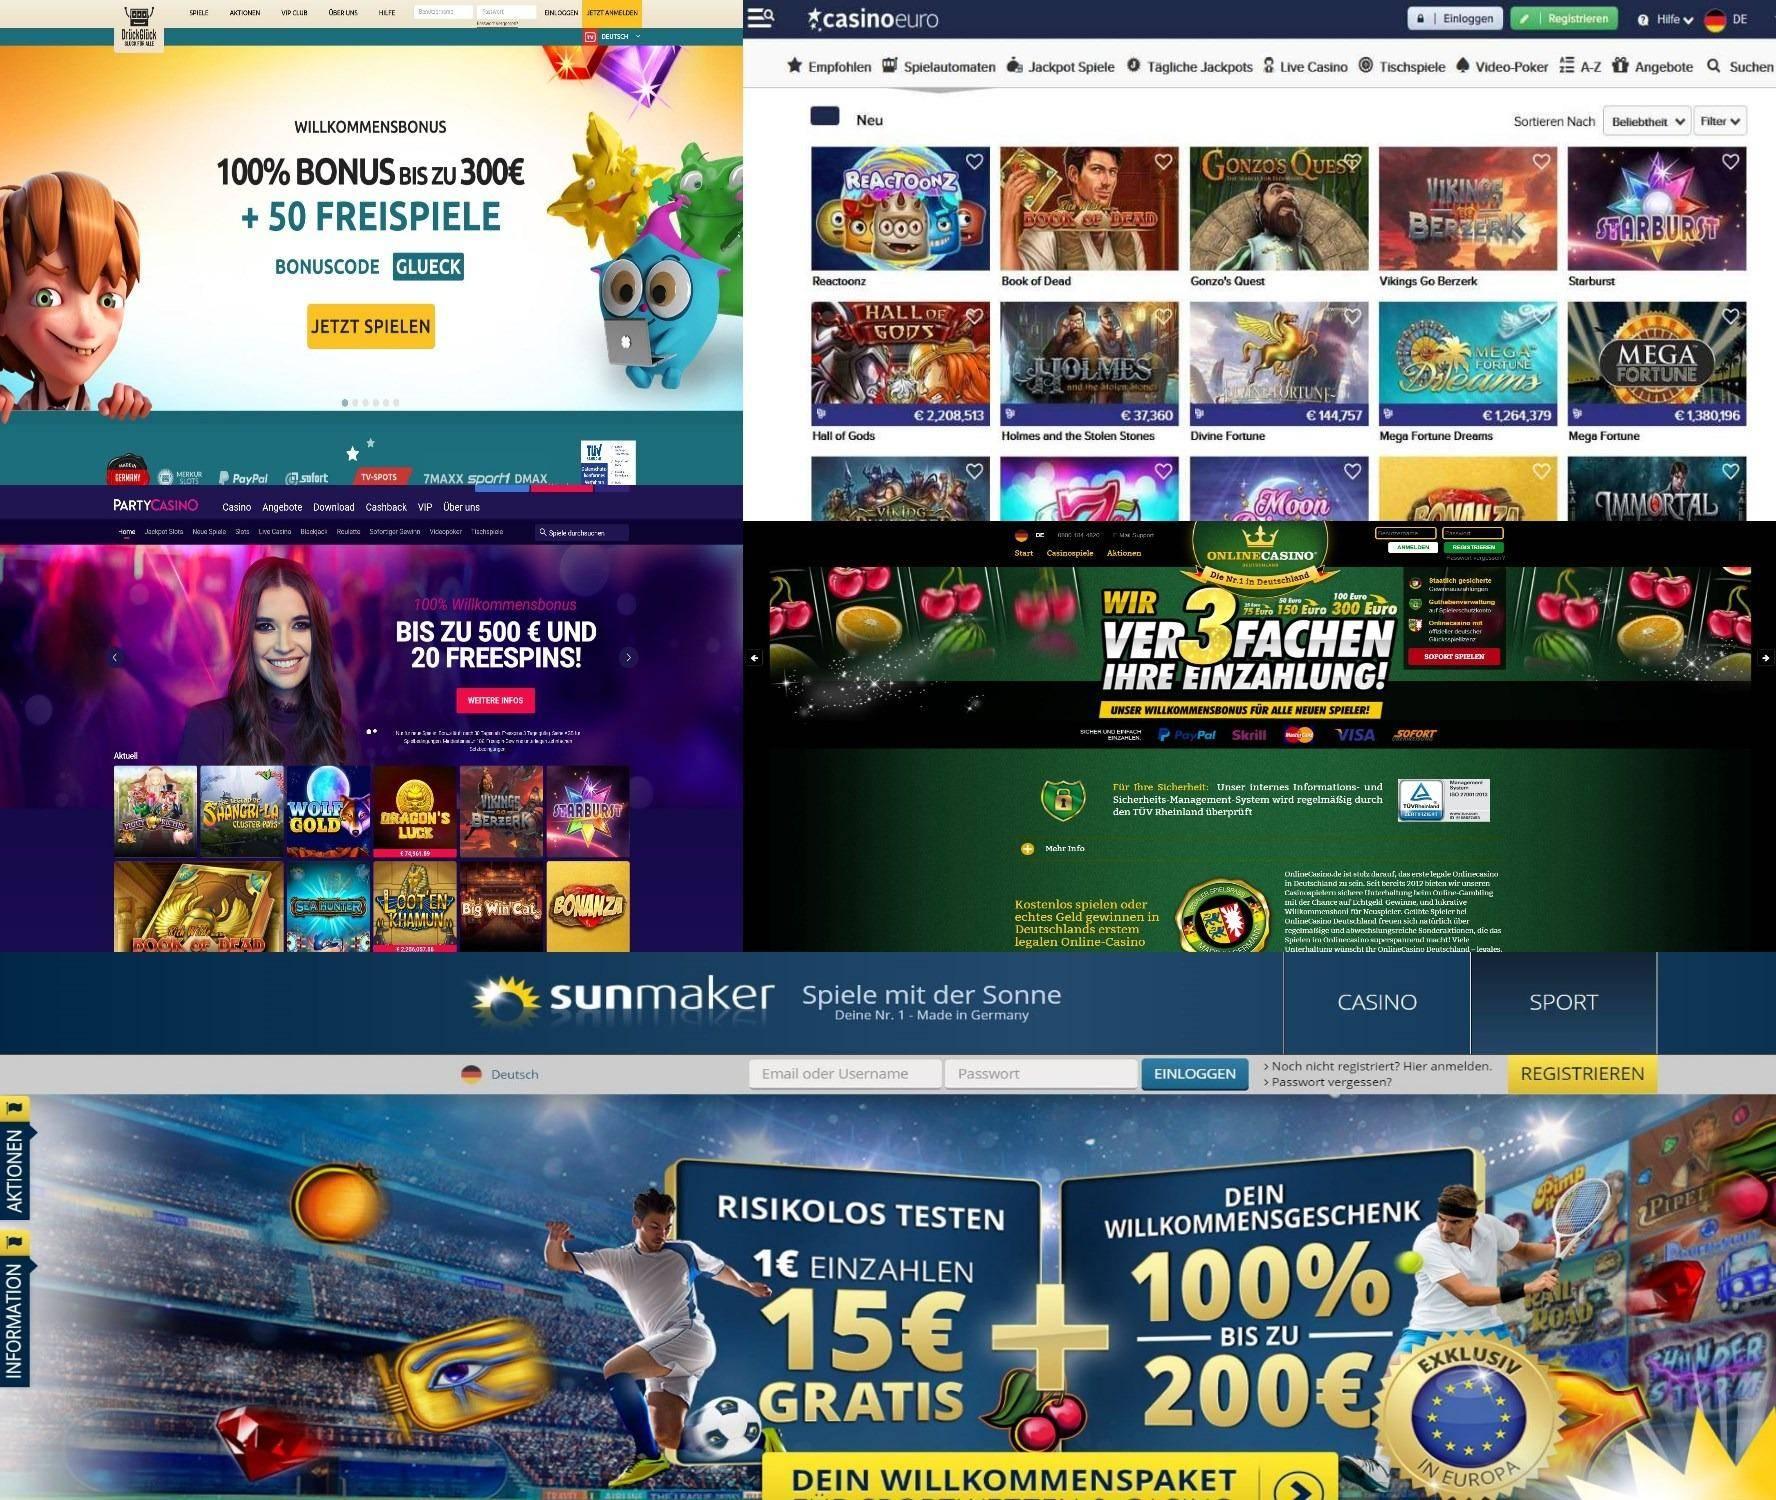 Beste online Casino - 937110